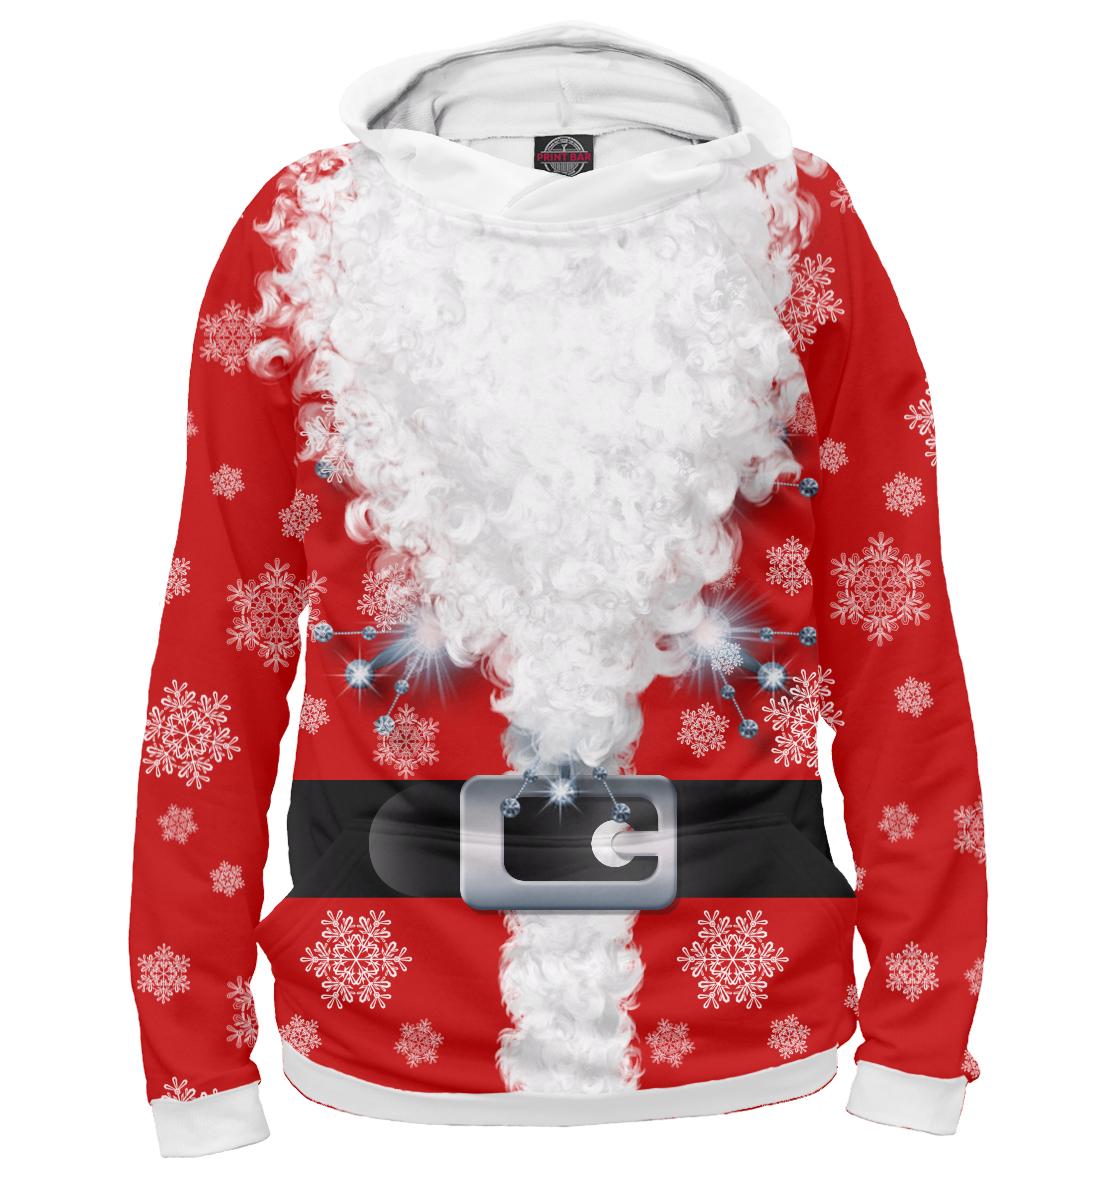 Дед мороз, Printbar, Худи, CST-773312-hud-1  - купить со скидкой